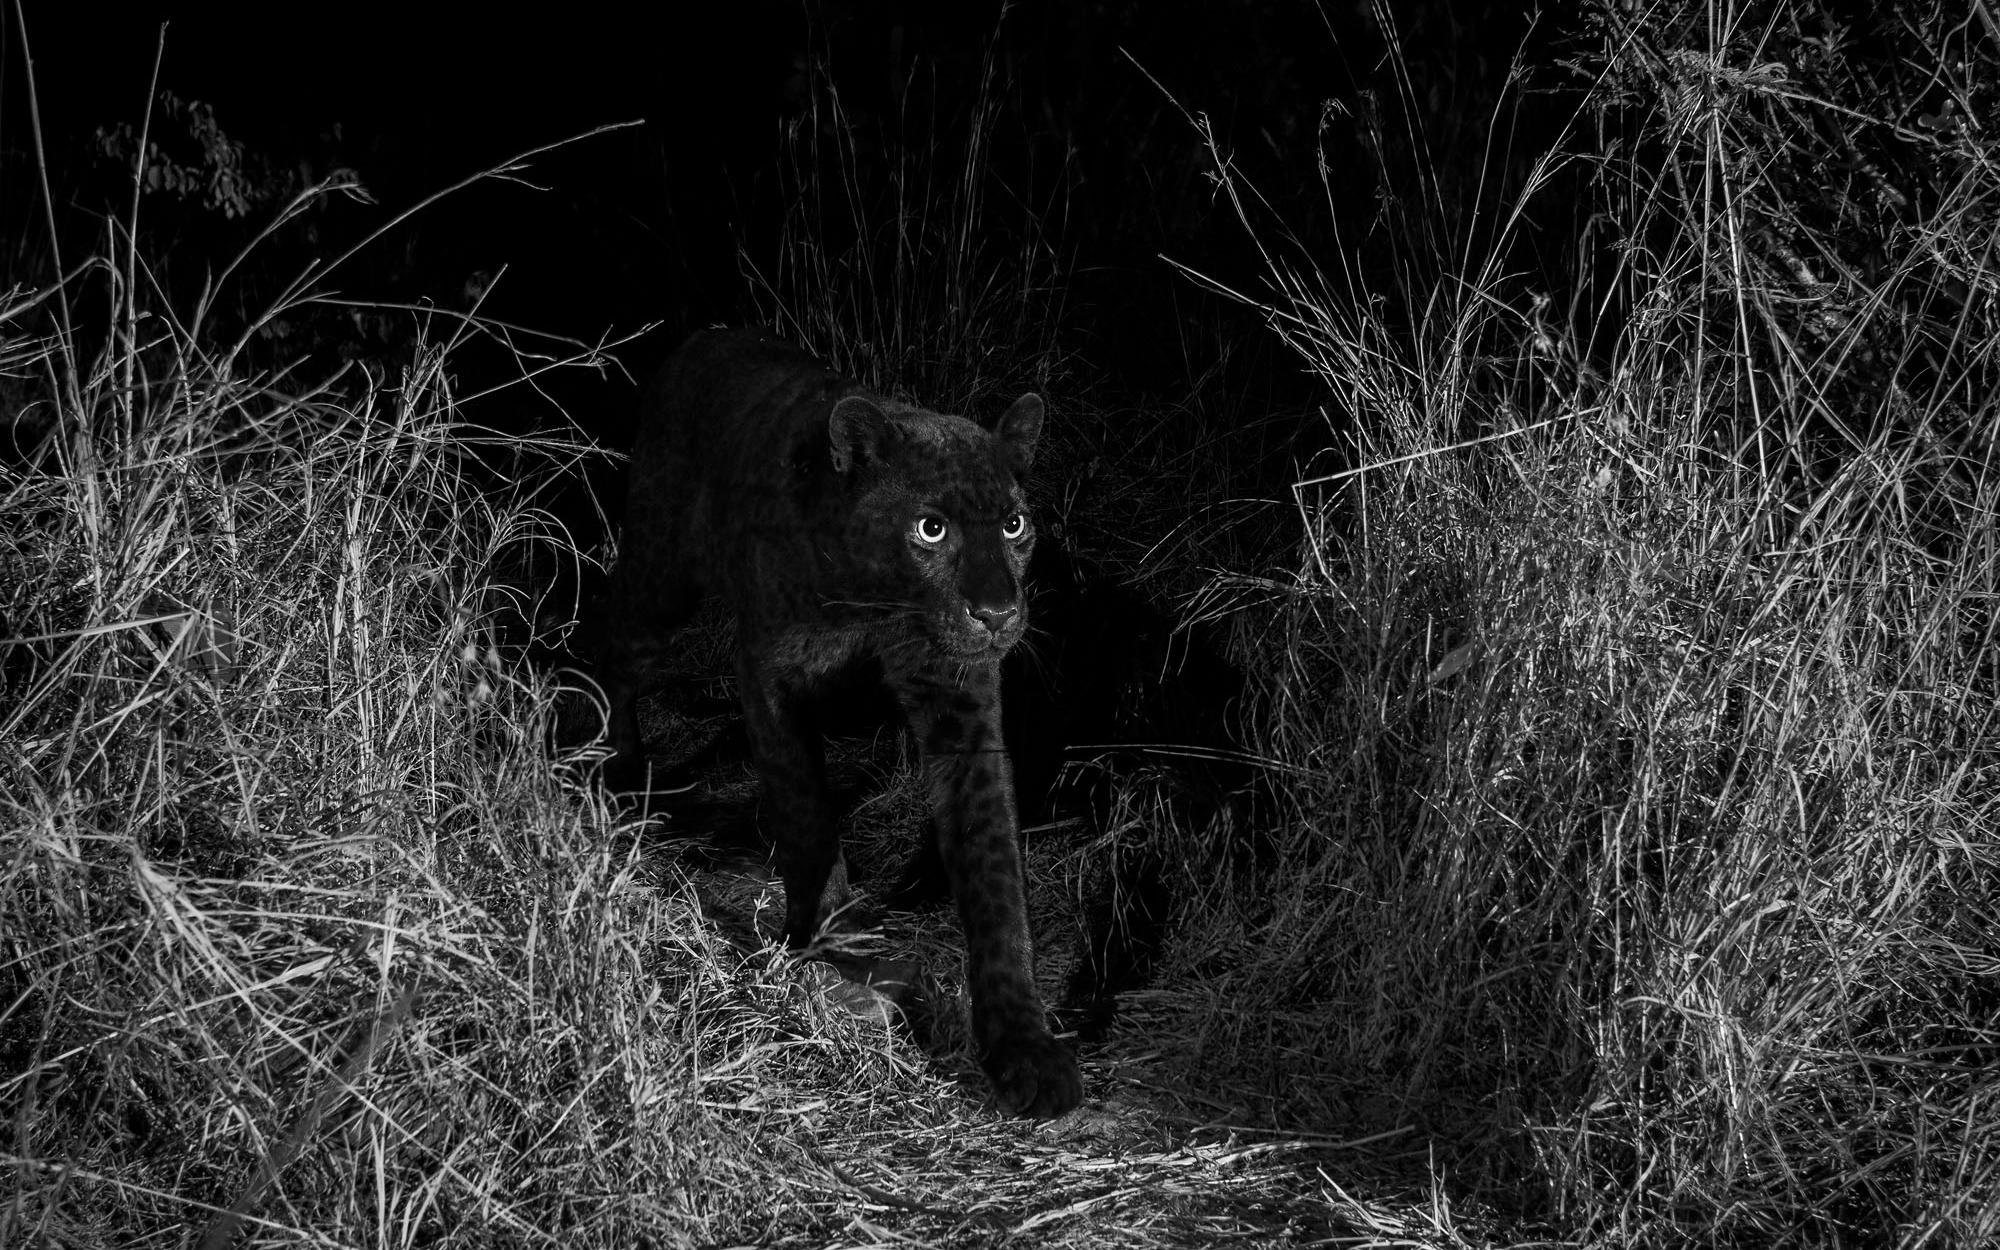 Последний раз этот вид пантеры сфотографировали в 1909 году.